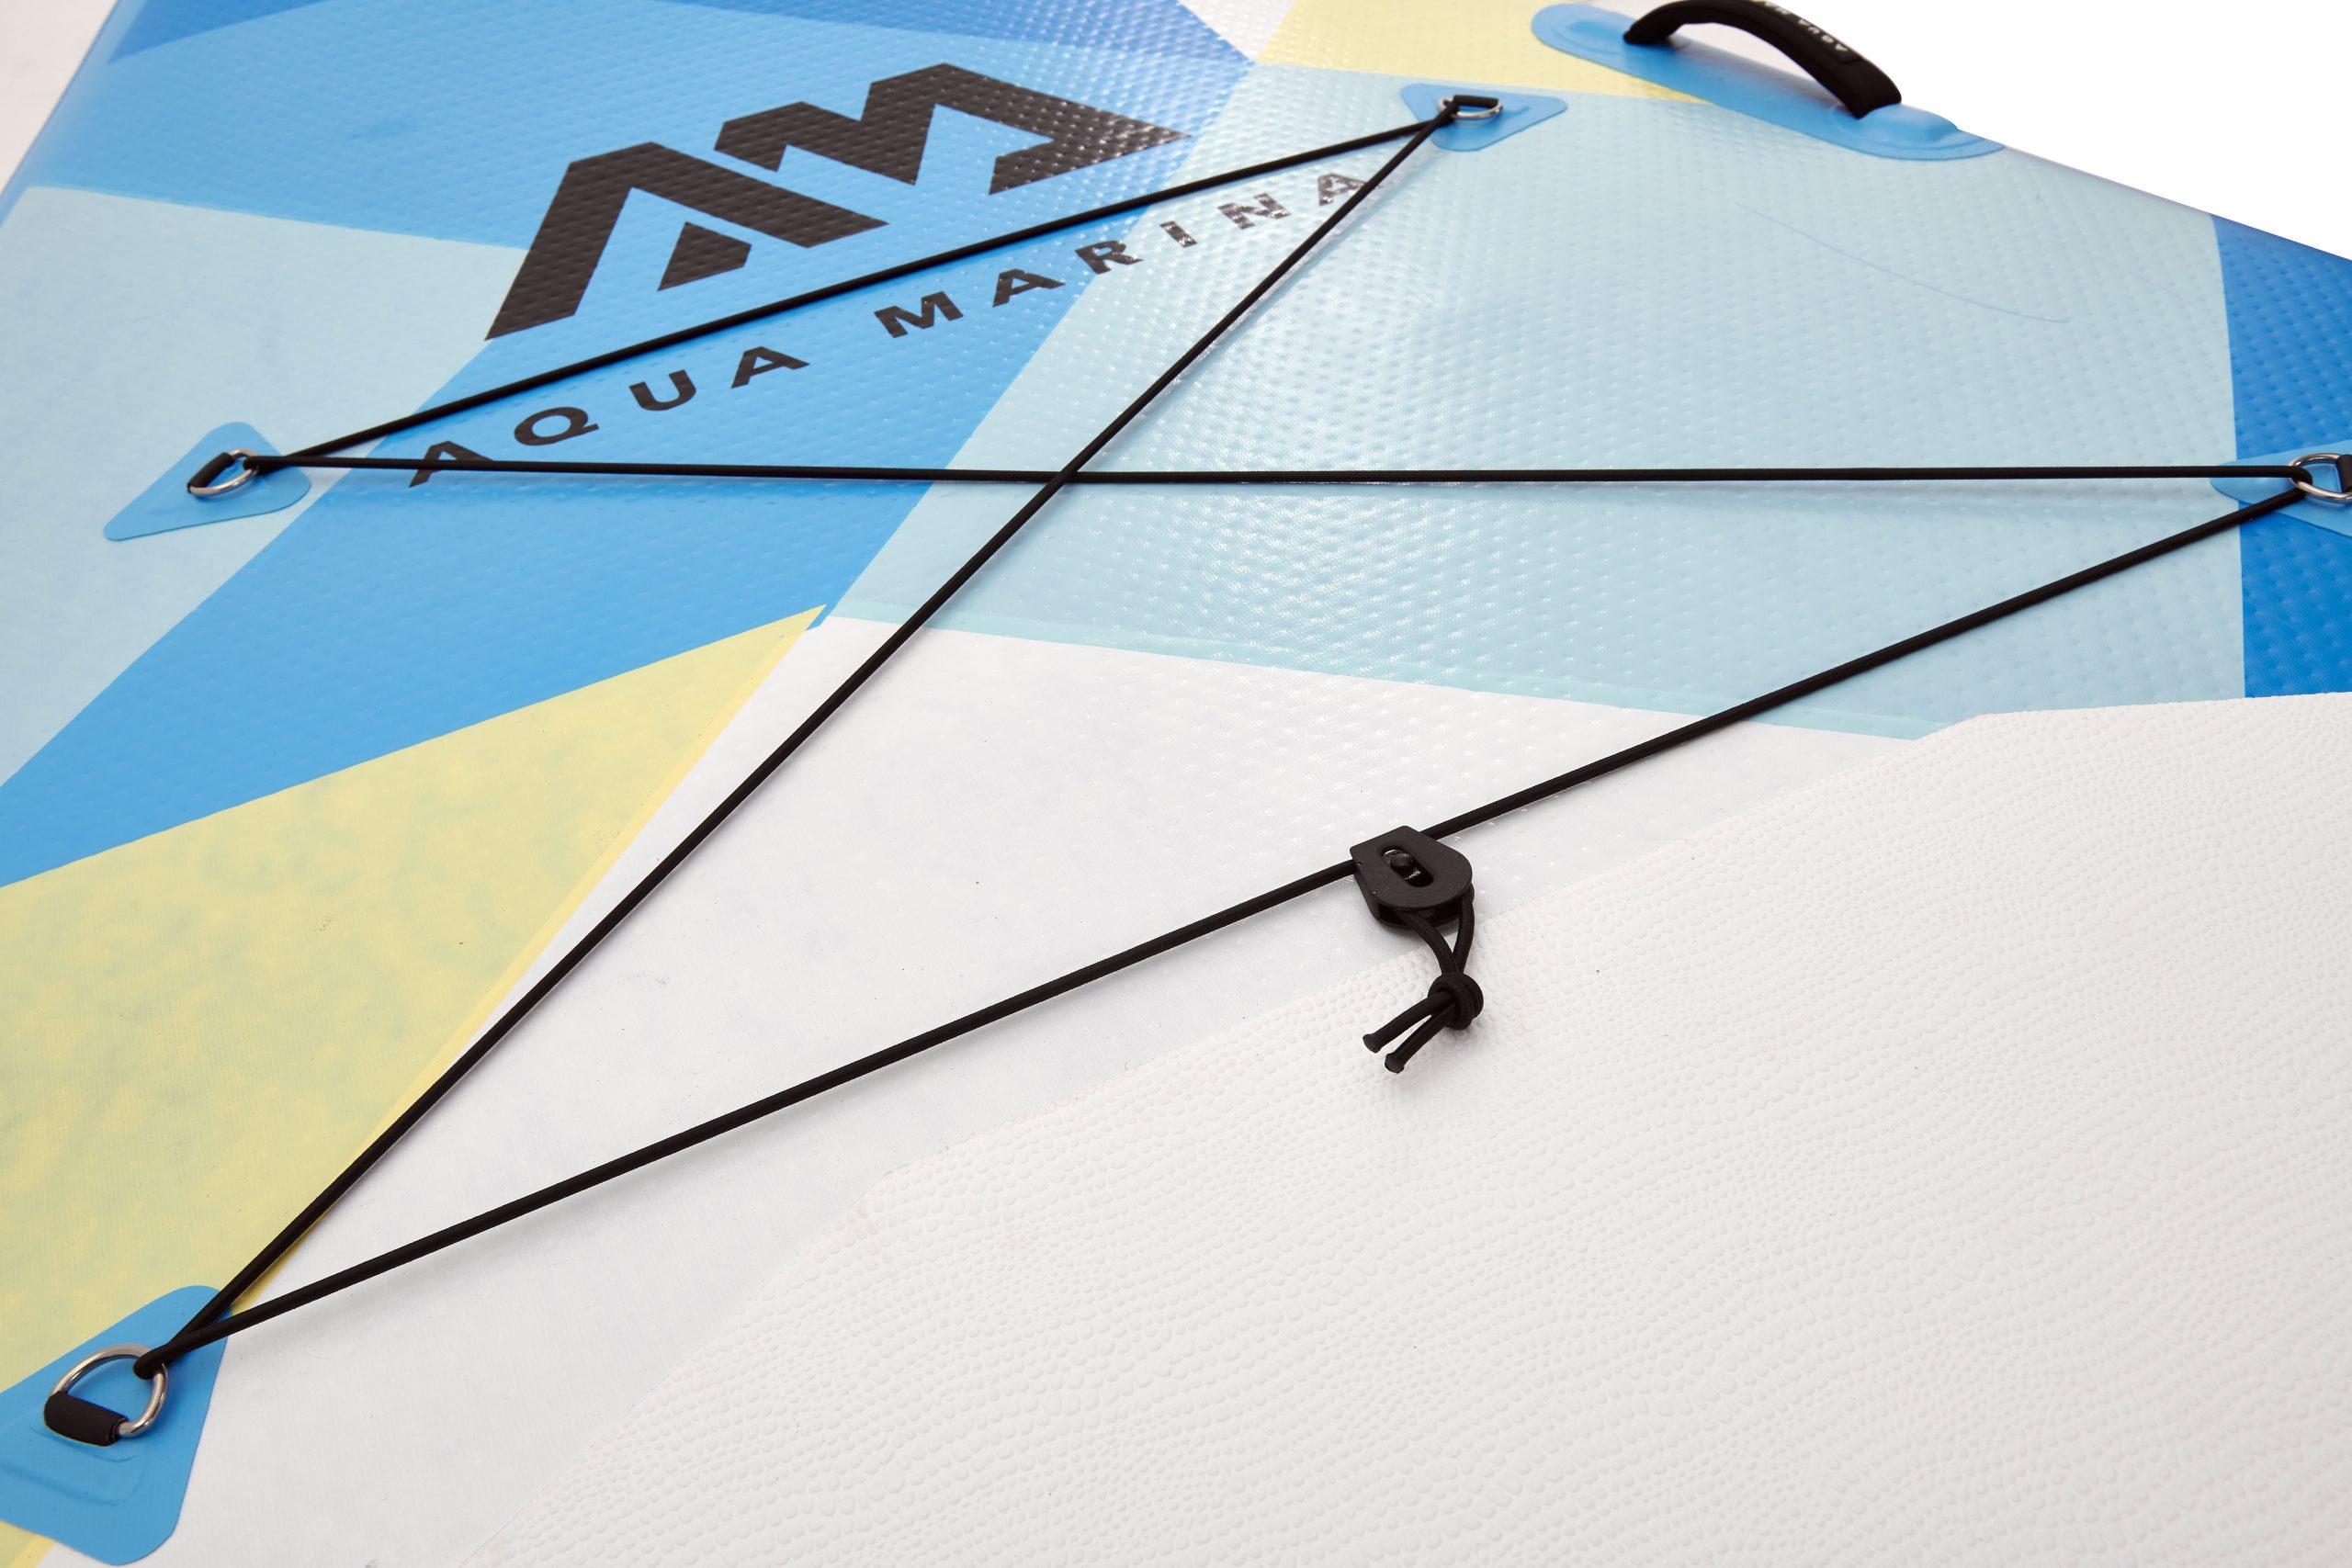 Sup Aqua Marina Multiperson Isupmega | Bt 20me